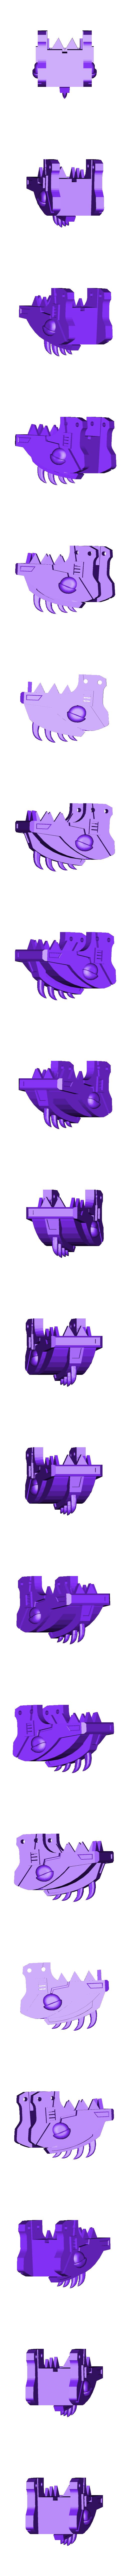 2- G1 ALLICON- ALLI HEAD.stl Download STL file Transformers G1 Allicon (11cm Scale) • 3D print object, mmshightail